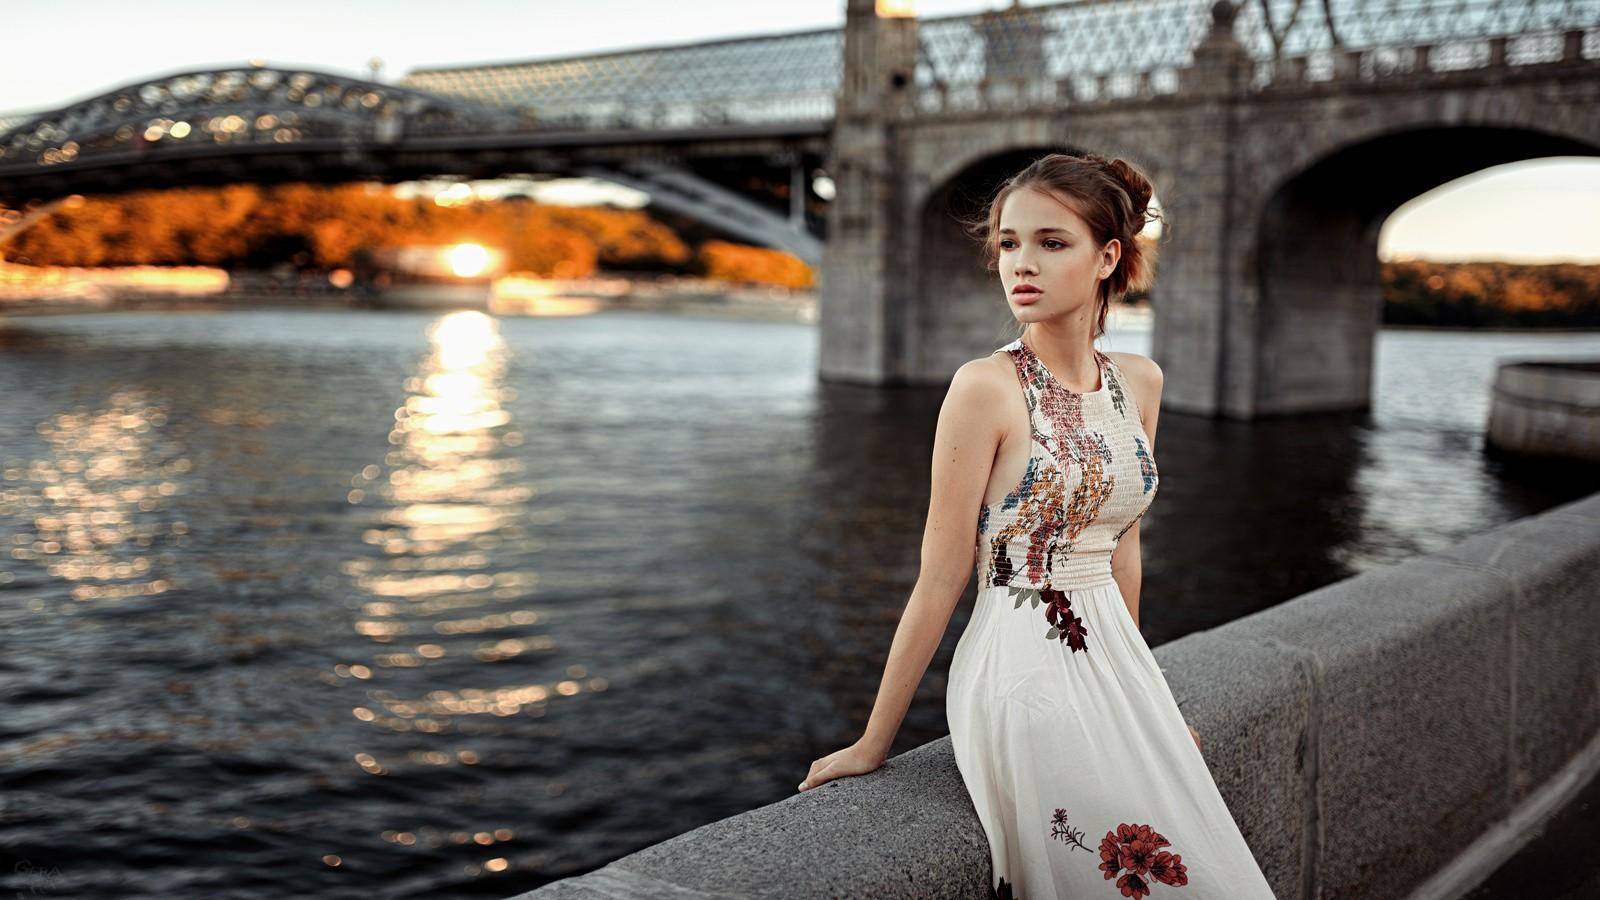 противоречивый, сумрачный красивые позы у моста одной фотографии старше